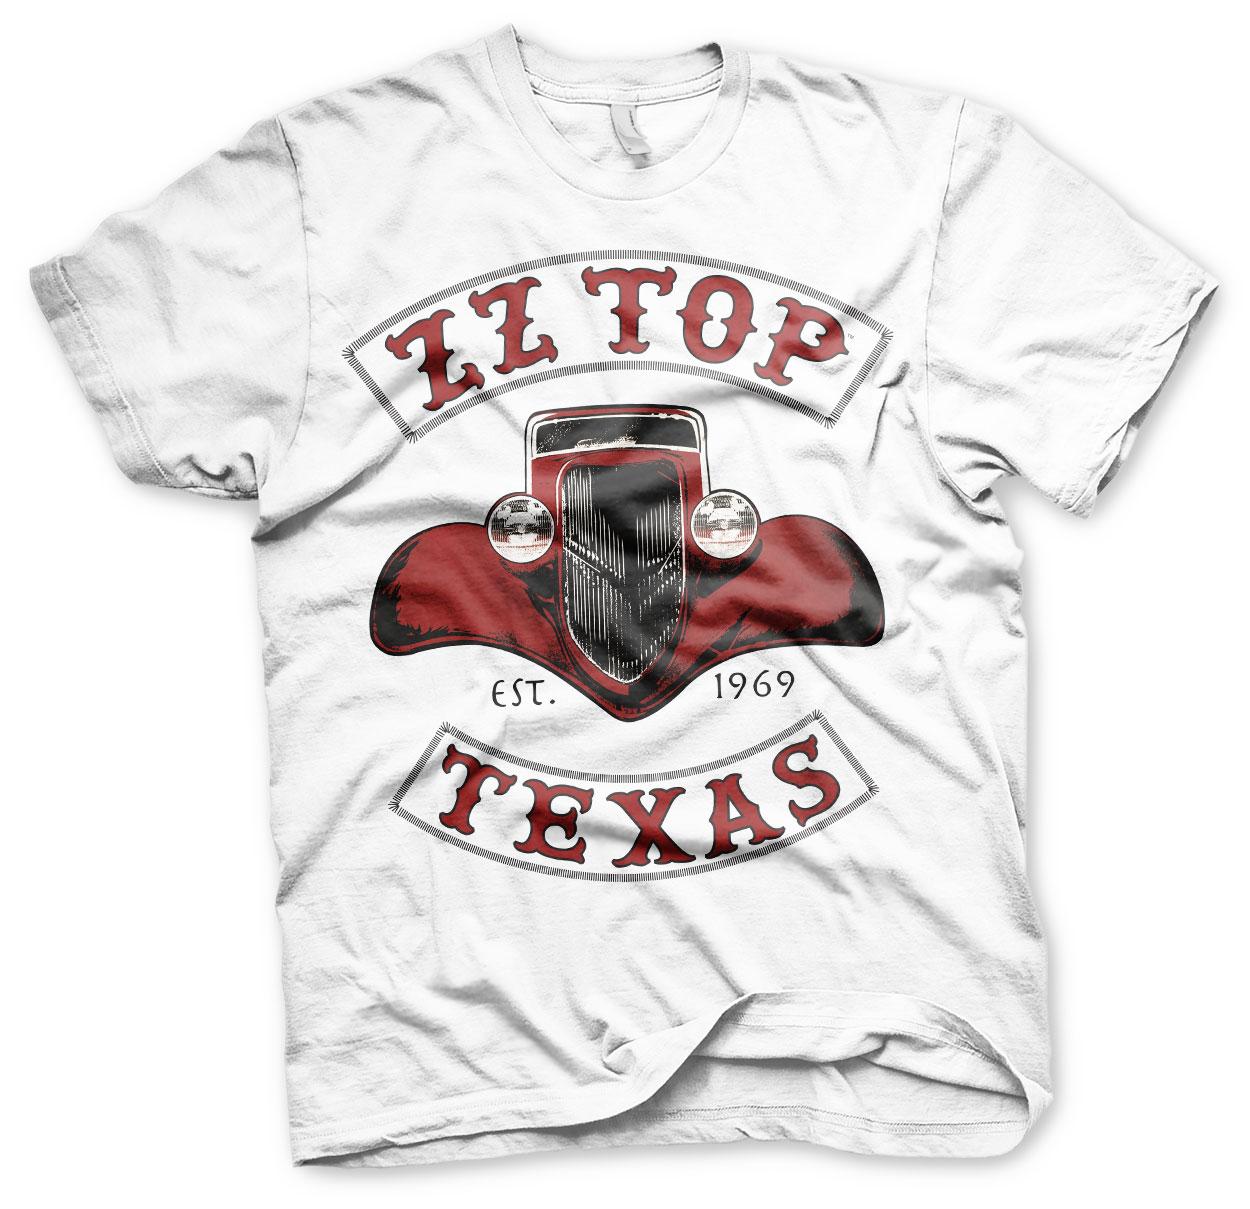 ZZ-Top - Texas 1969 T-Shirt